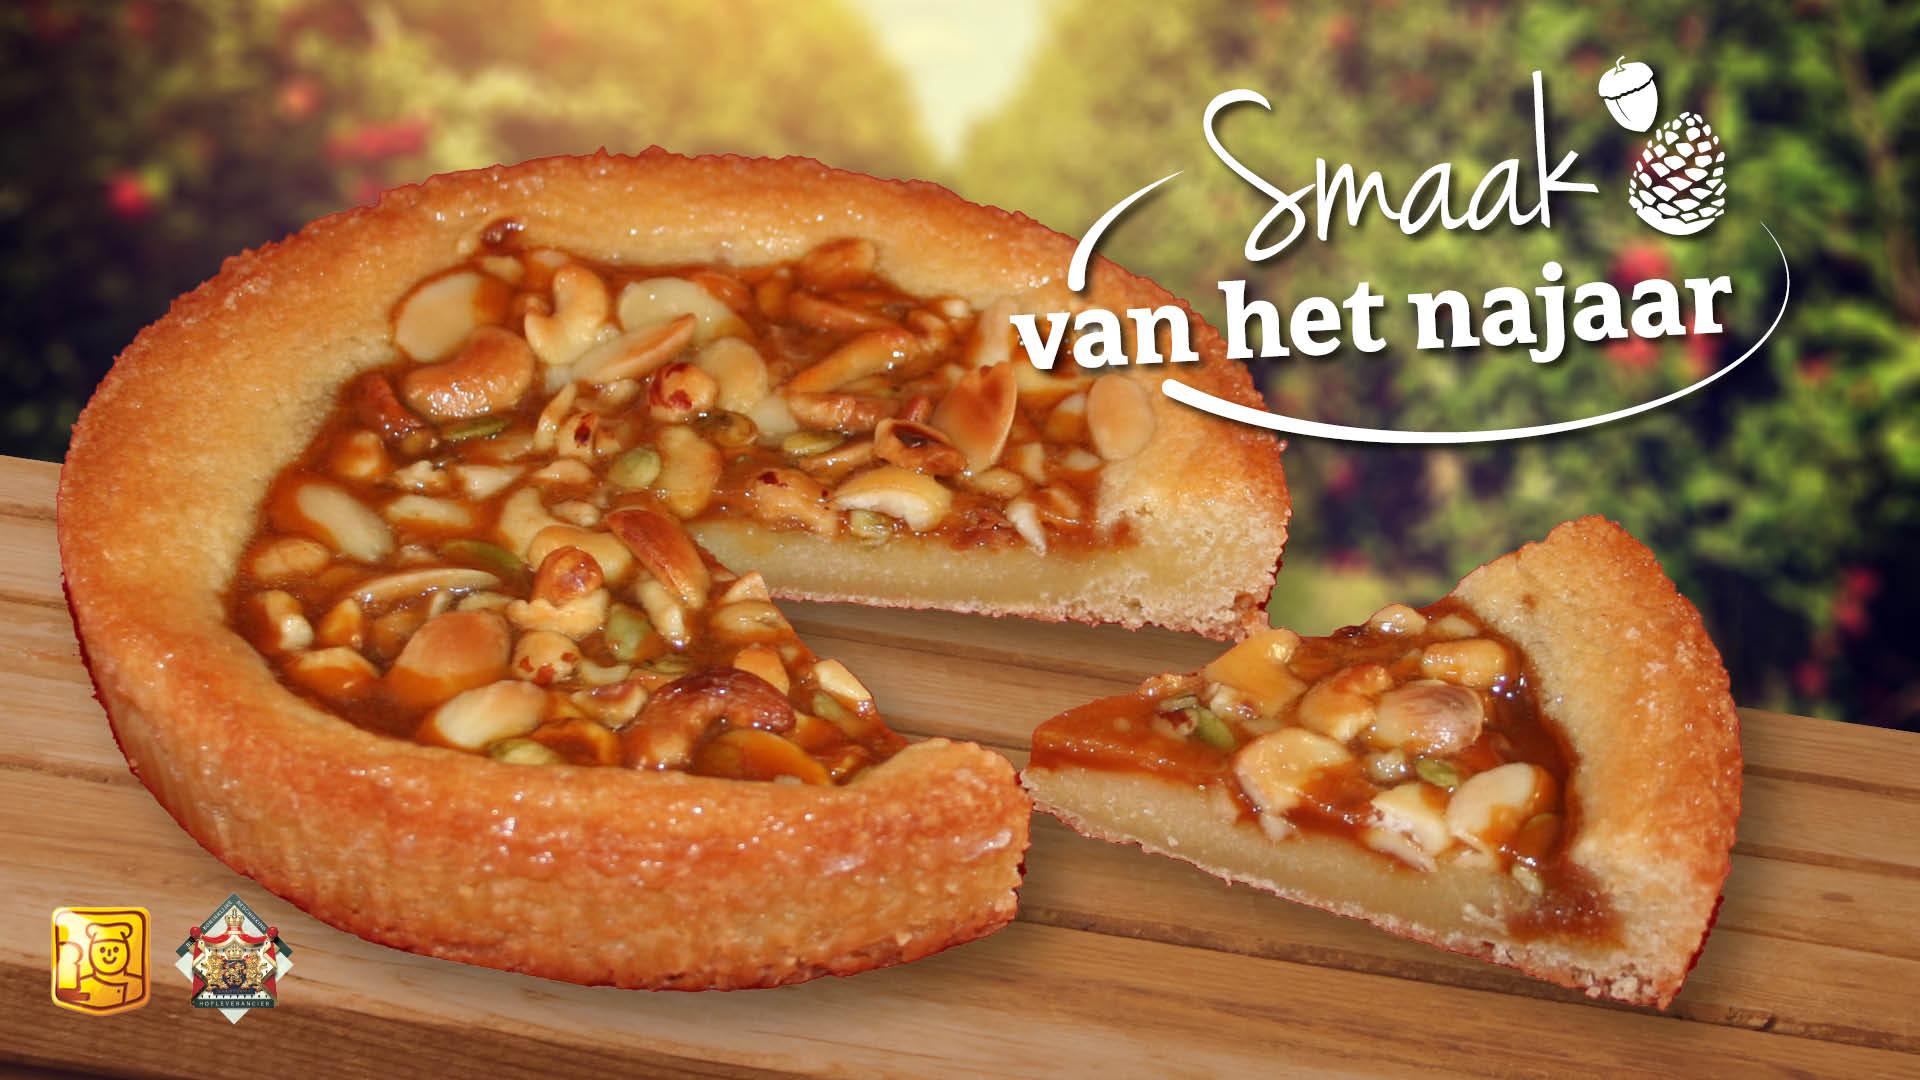 Homepage slider – De Smaak van het najaar – 8